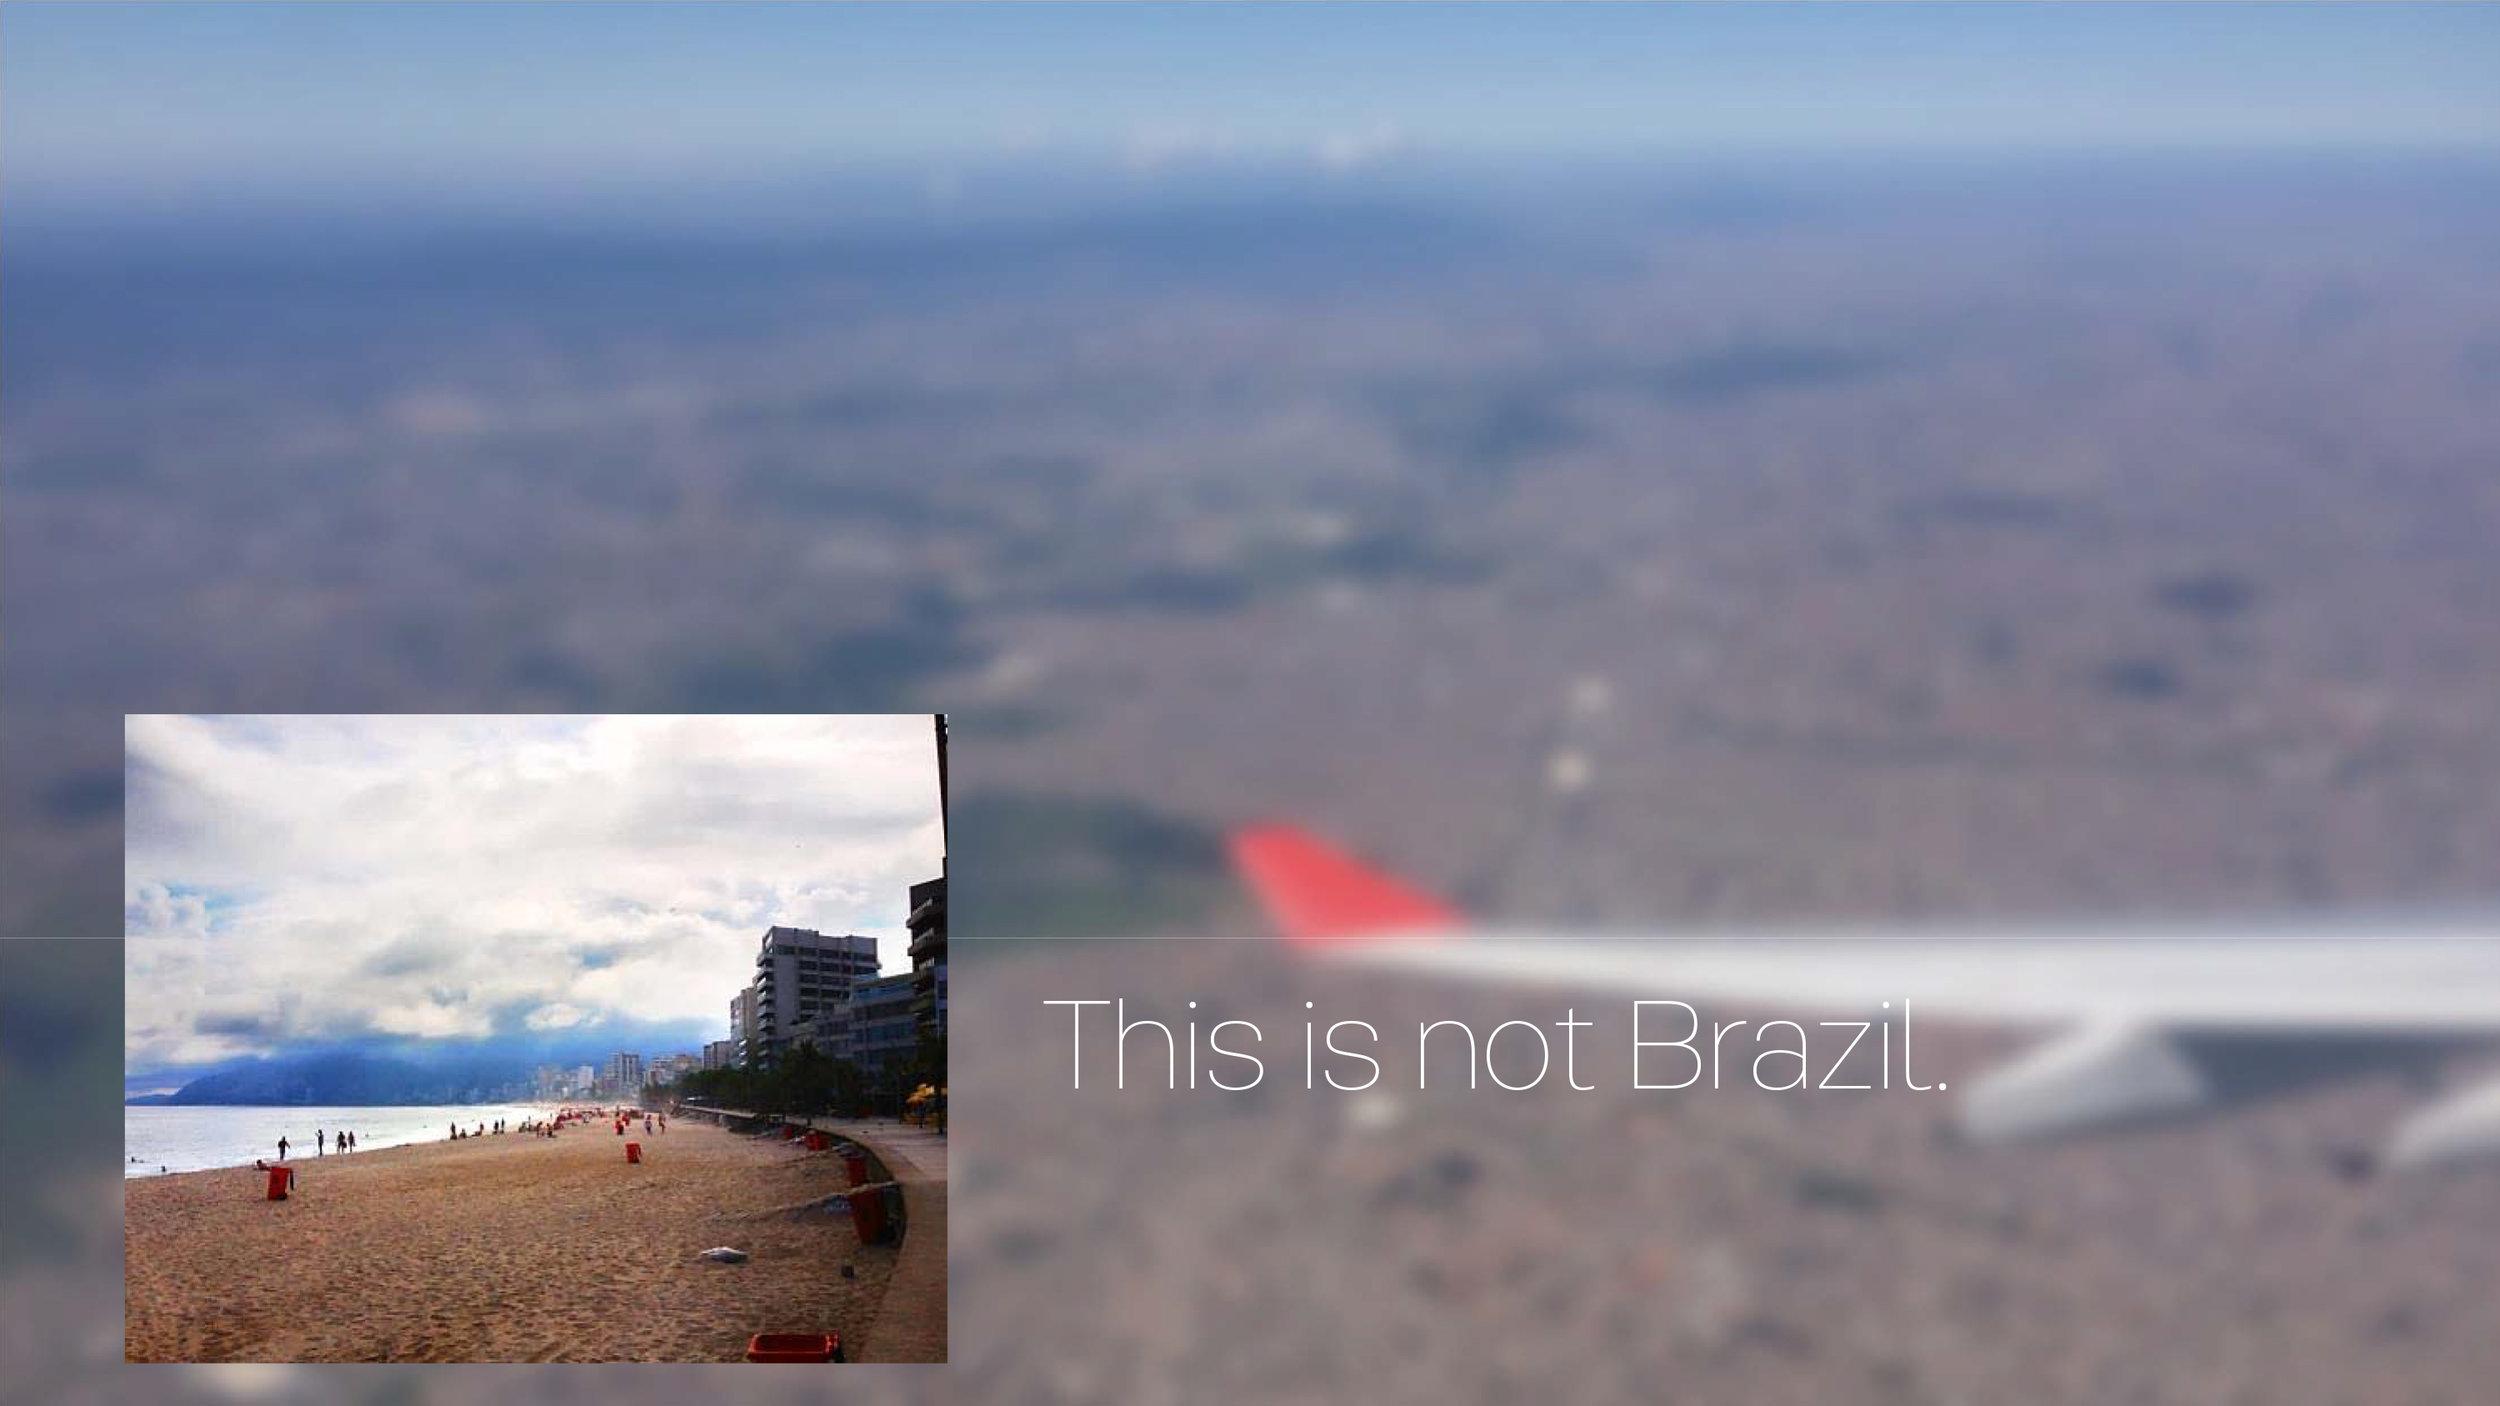 Michael Wiggins_Brazil Research_Synopsis 1-8 copy.jpg